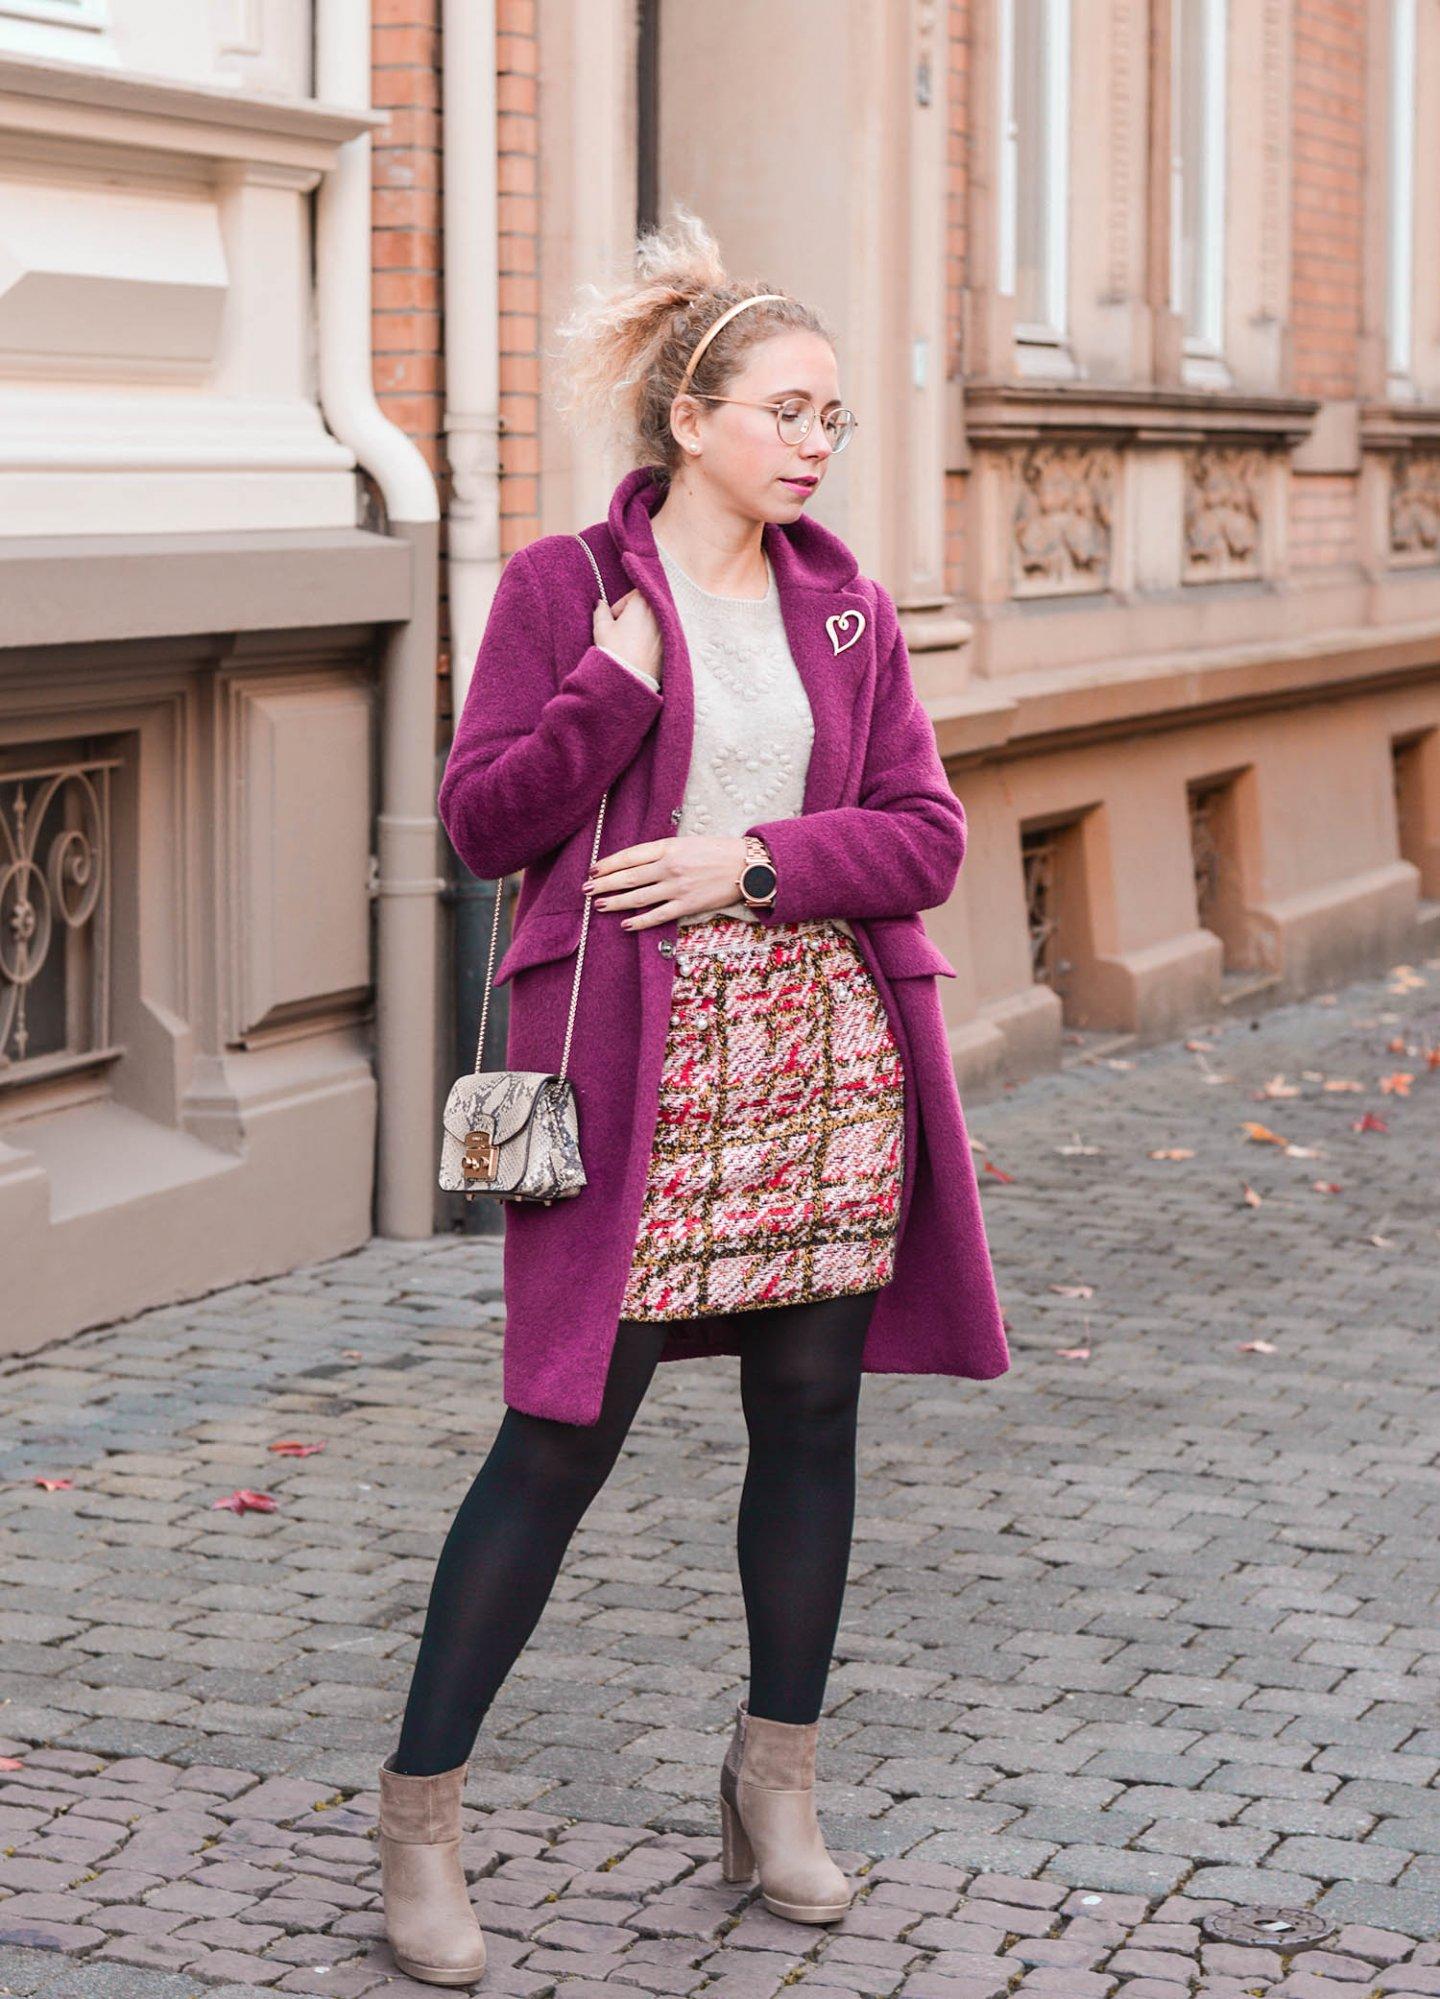 Tweedrock und Wollmantel: so trägt man Farbe im Herbst und Winter